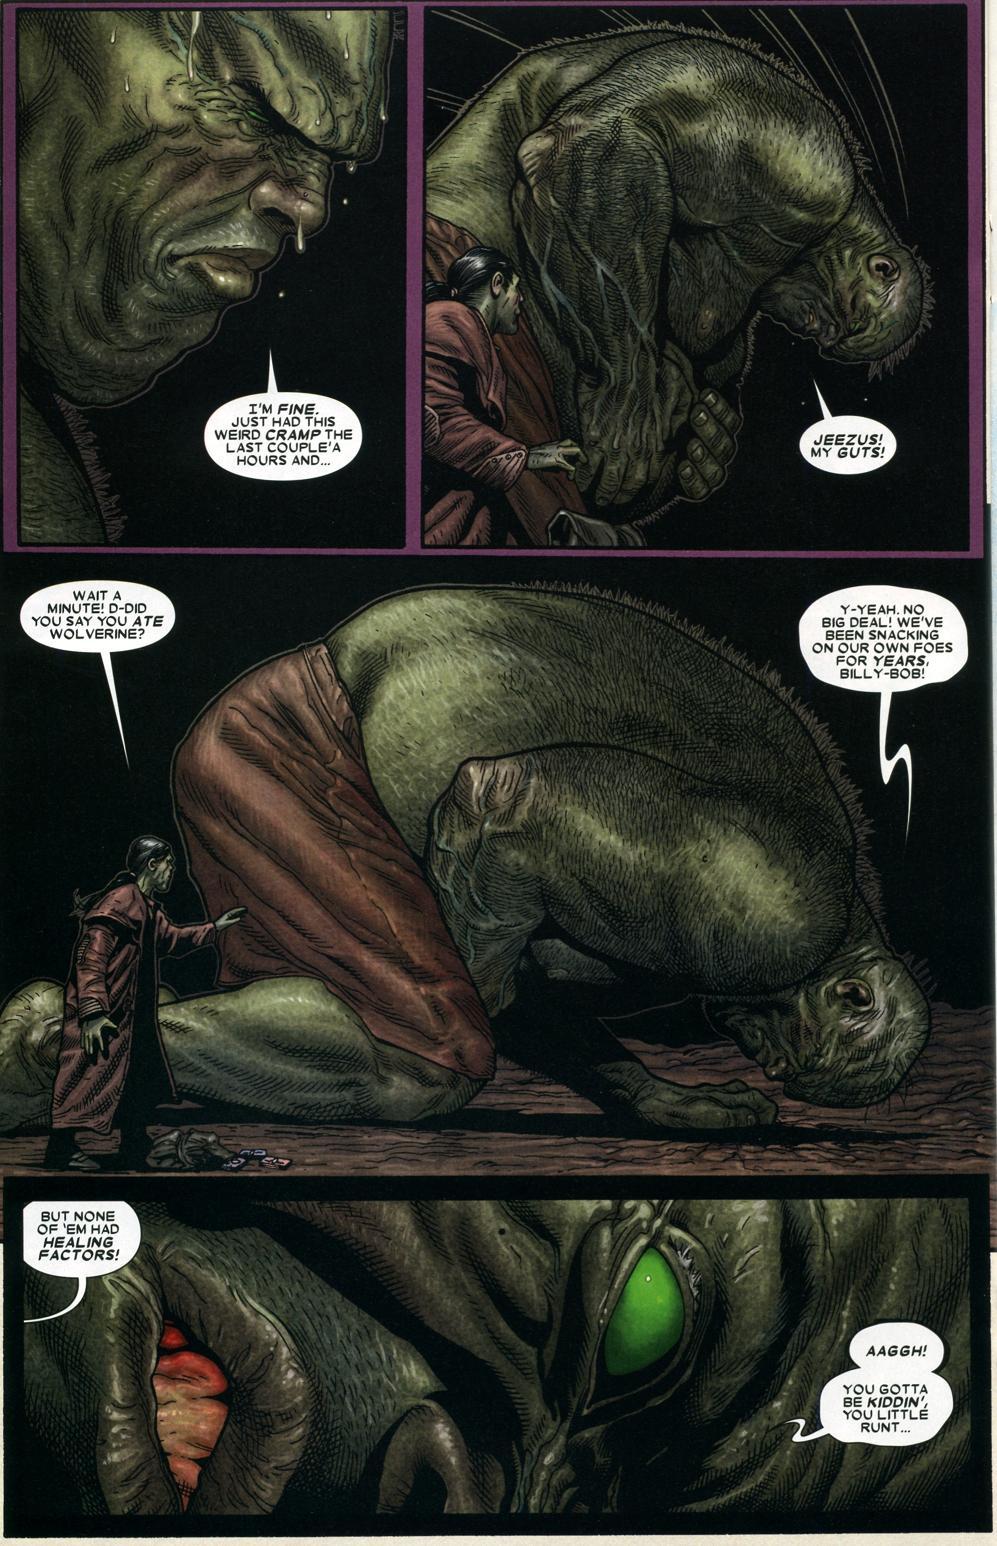 Old Man Logan Hulk - Bing images